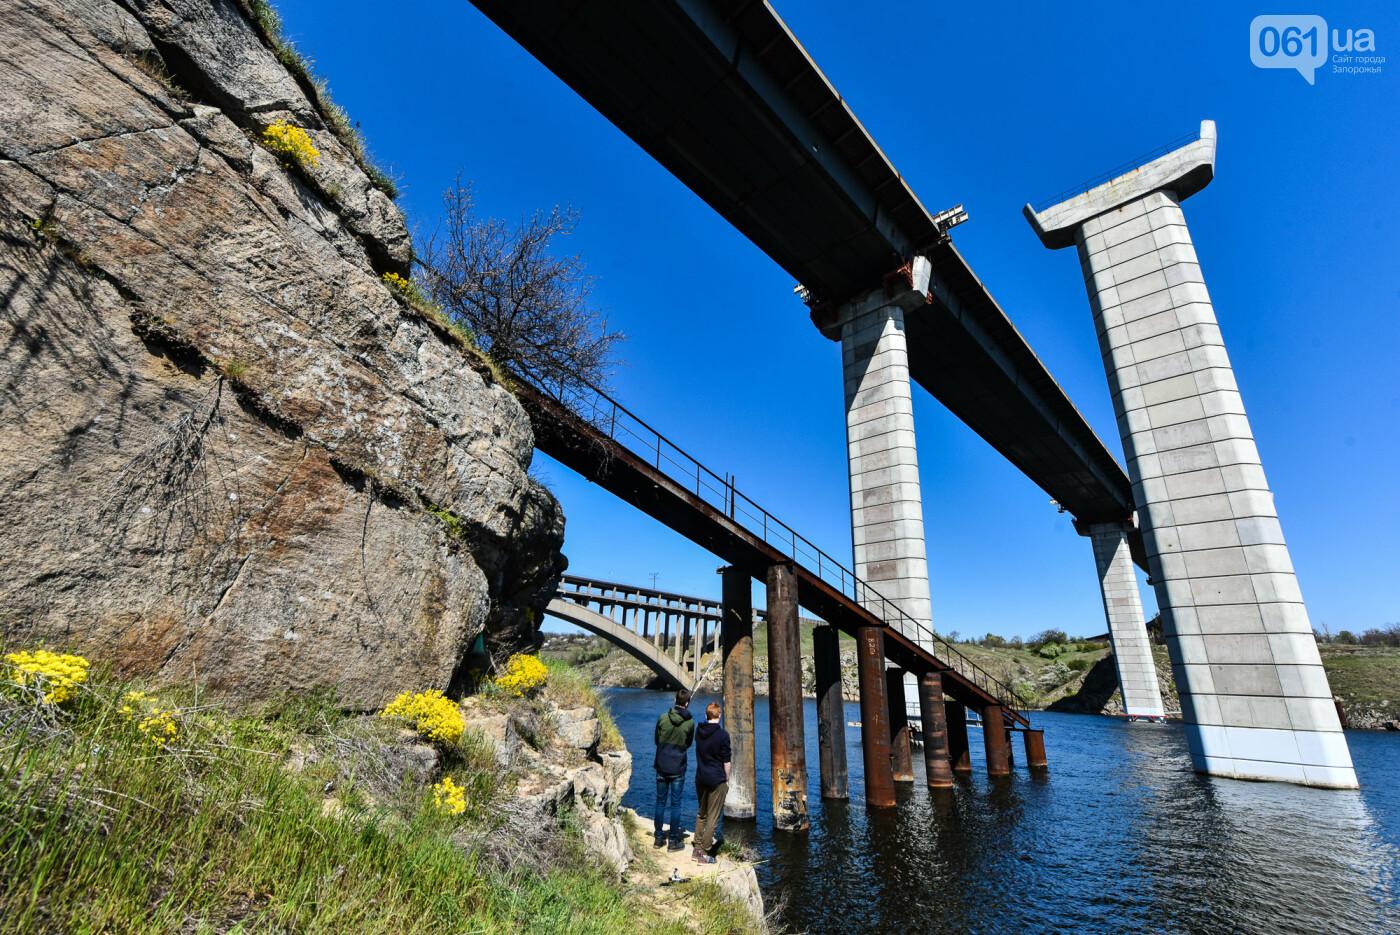 На запорожские мосты выделено 2,7 миллиарда: что сейчас проиходит стройплощадке, - ФОТОРЕПОРТАЖ, фото-38